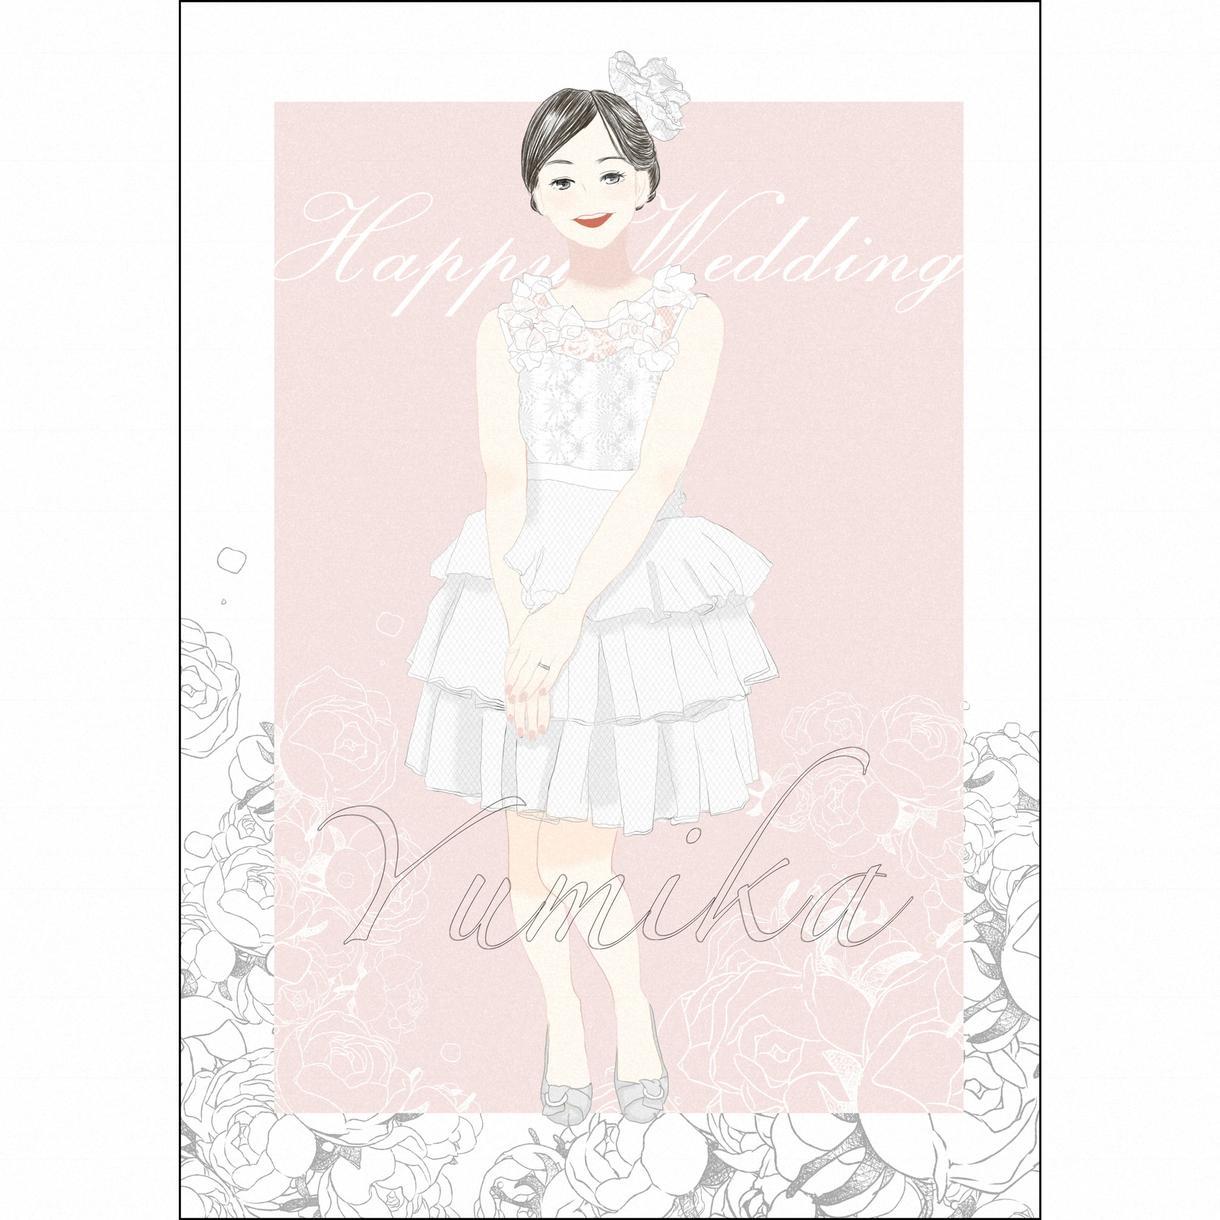 写真をもとにドレス姿をイラストにします ウェディングやパーティなどの記念に如何ですか?